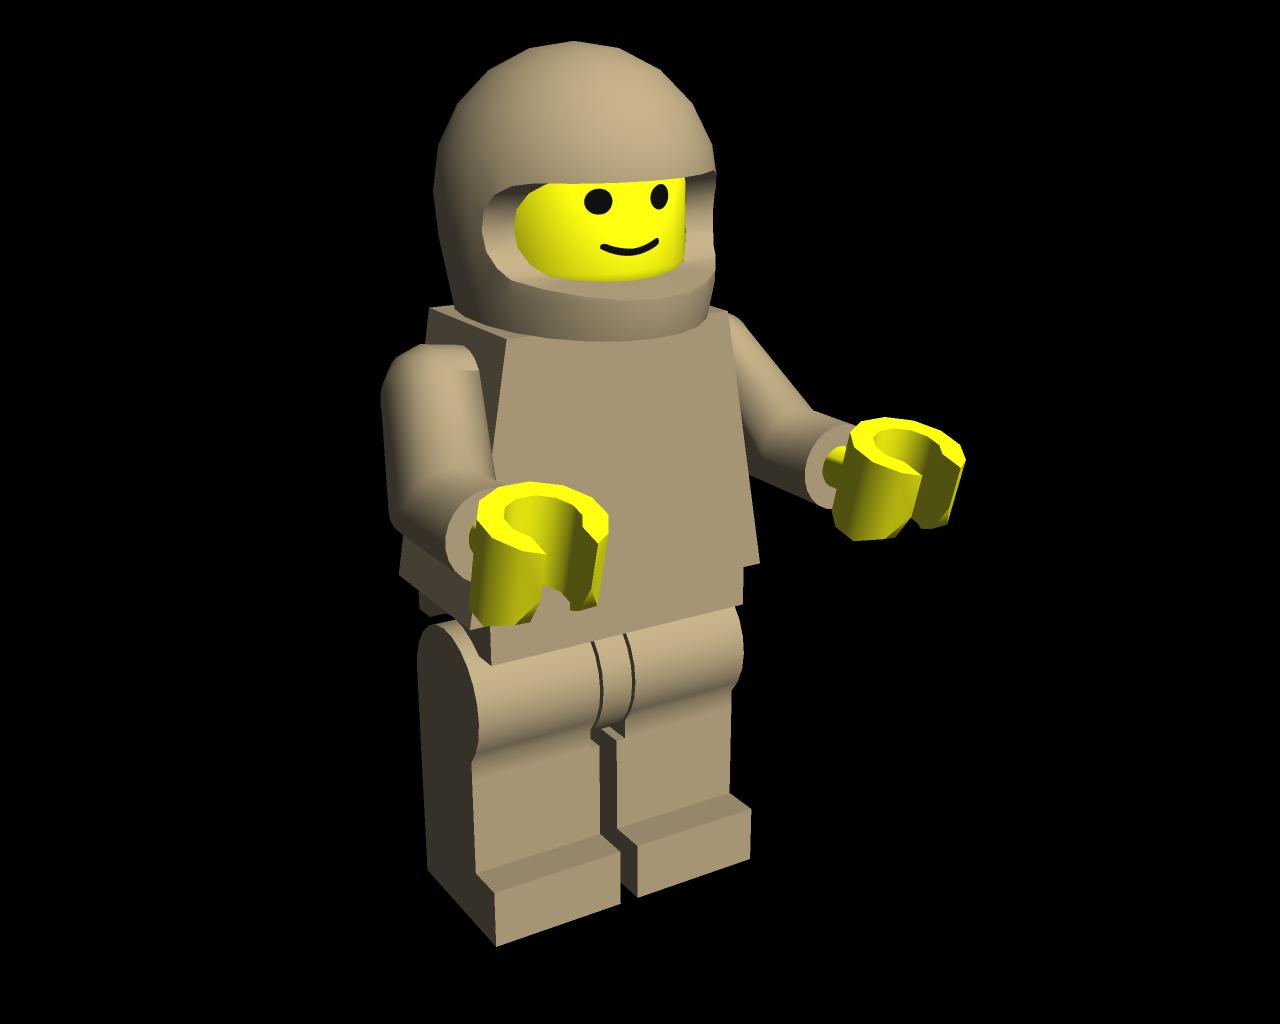 1280x1024 Lego Man Job